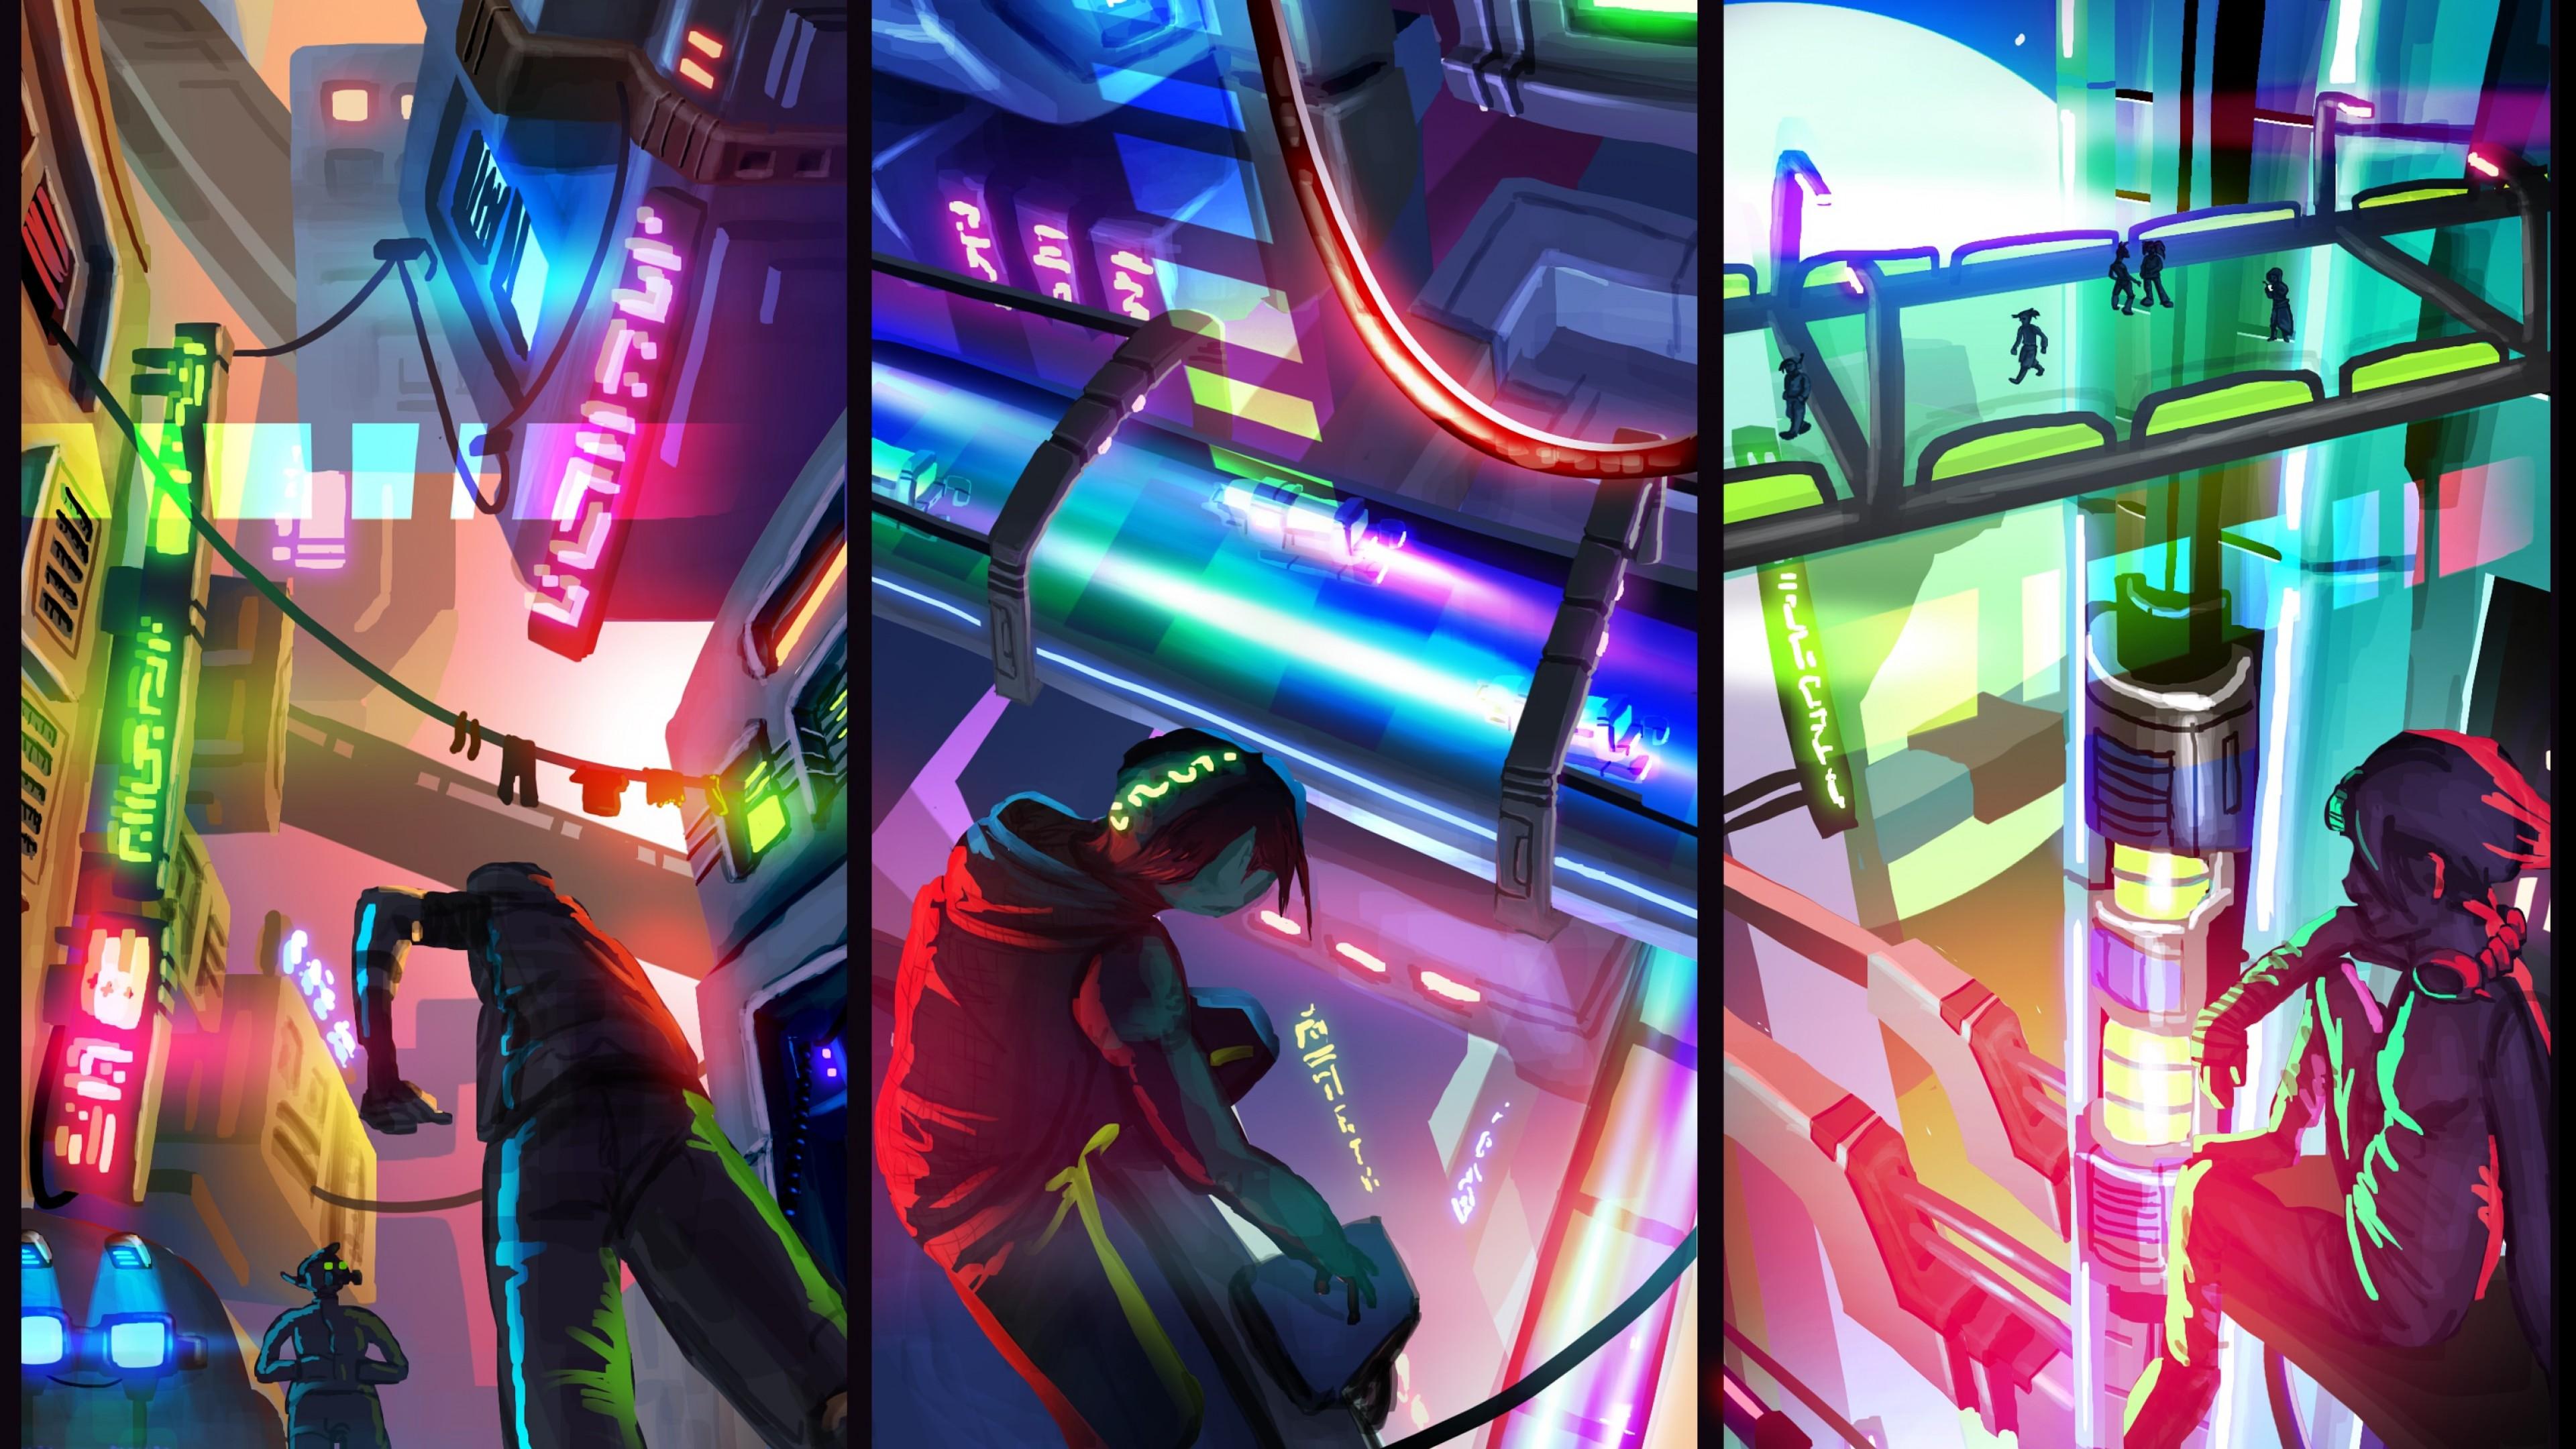 Wallpaper Hover Revolt of Gamers Best Games 2015 game